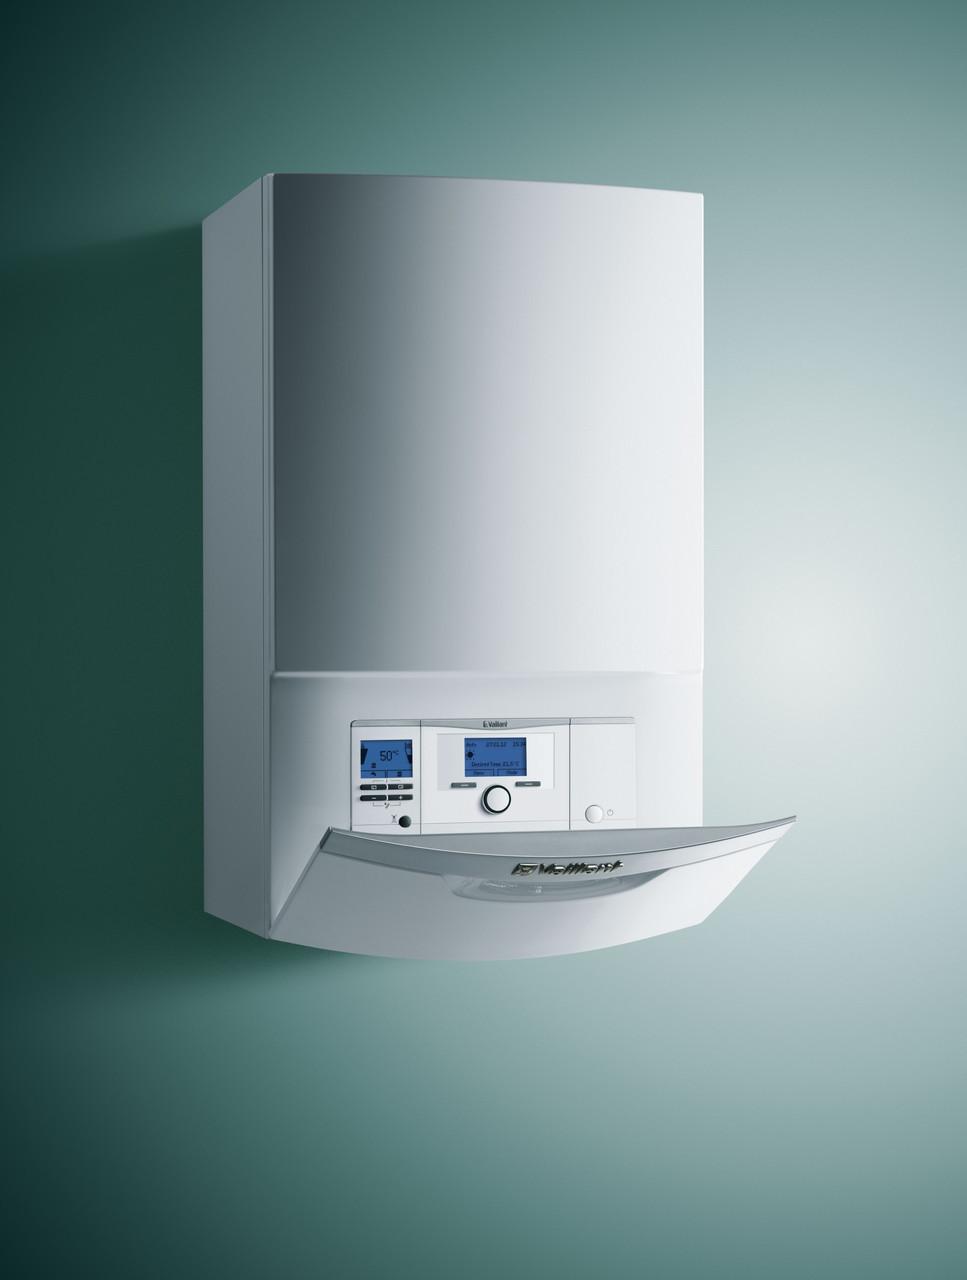 Конденсационный котел со встроенным приготовлением горячей воды Vaillant ecoTEC plus 25 кВт, ГВП 30 кВт